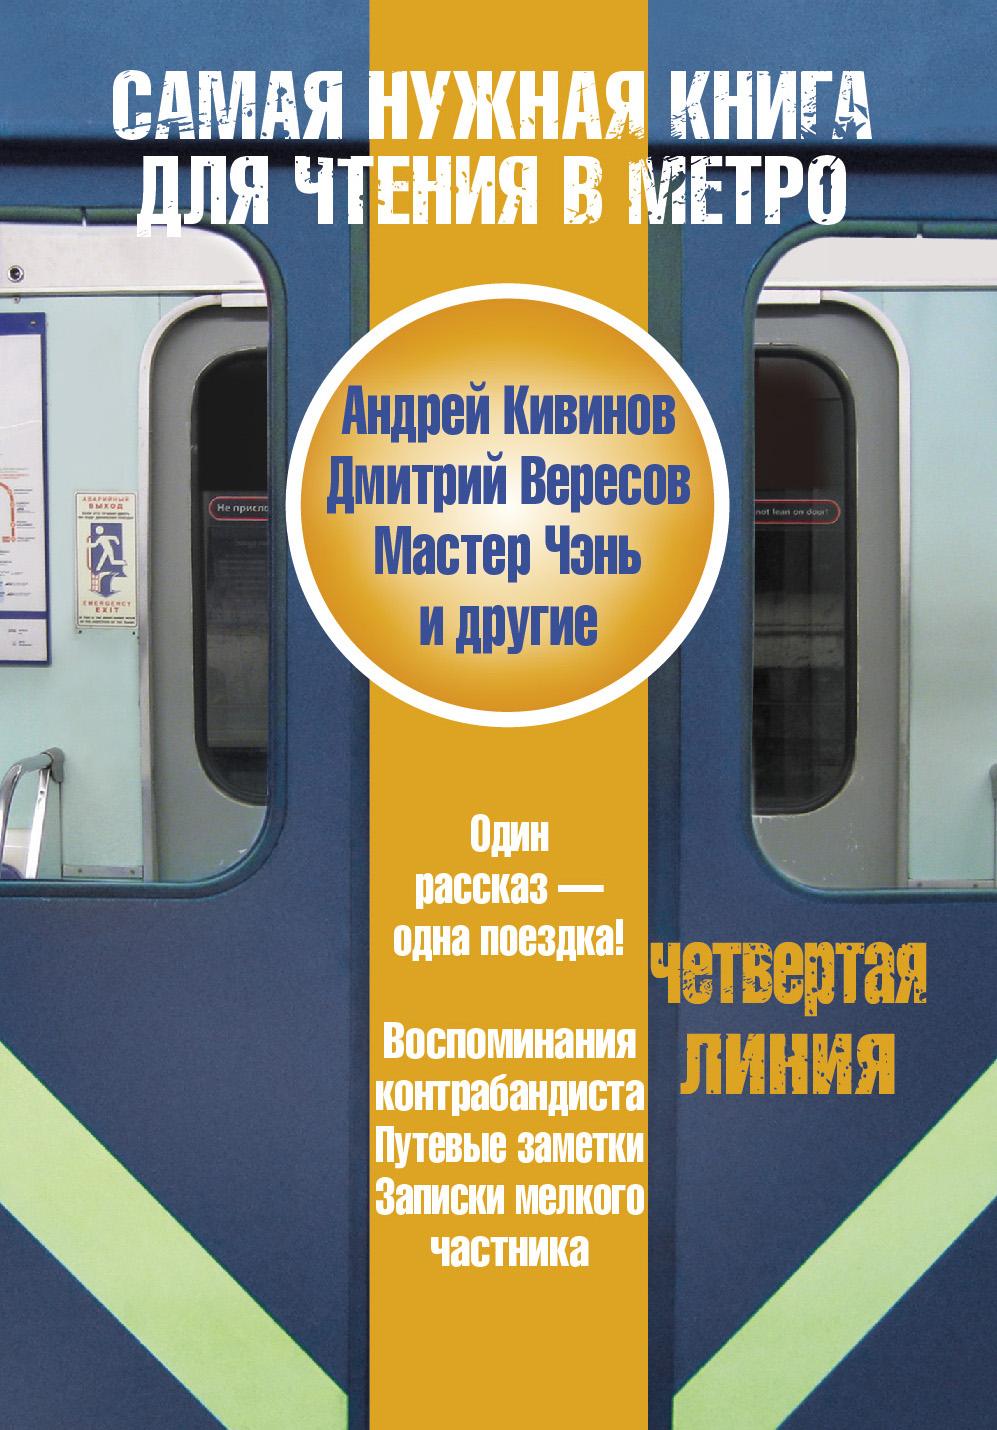 Самая нужная книга для чтения в метро. Четвертая линия